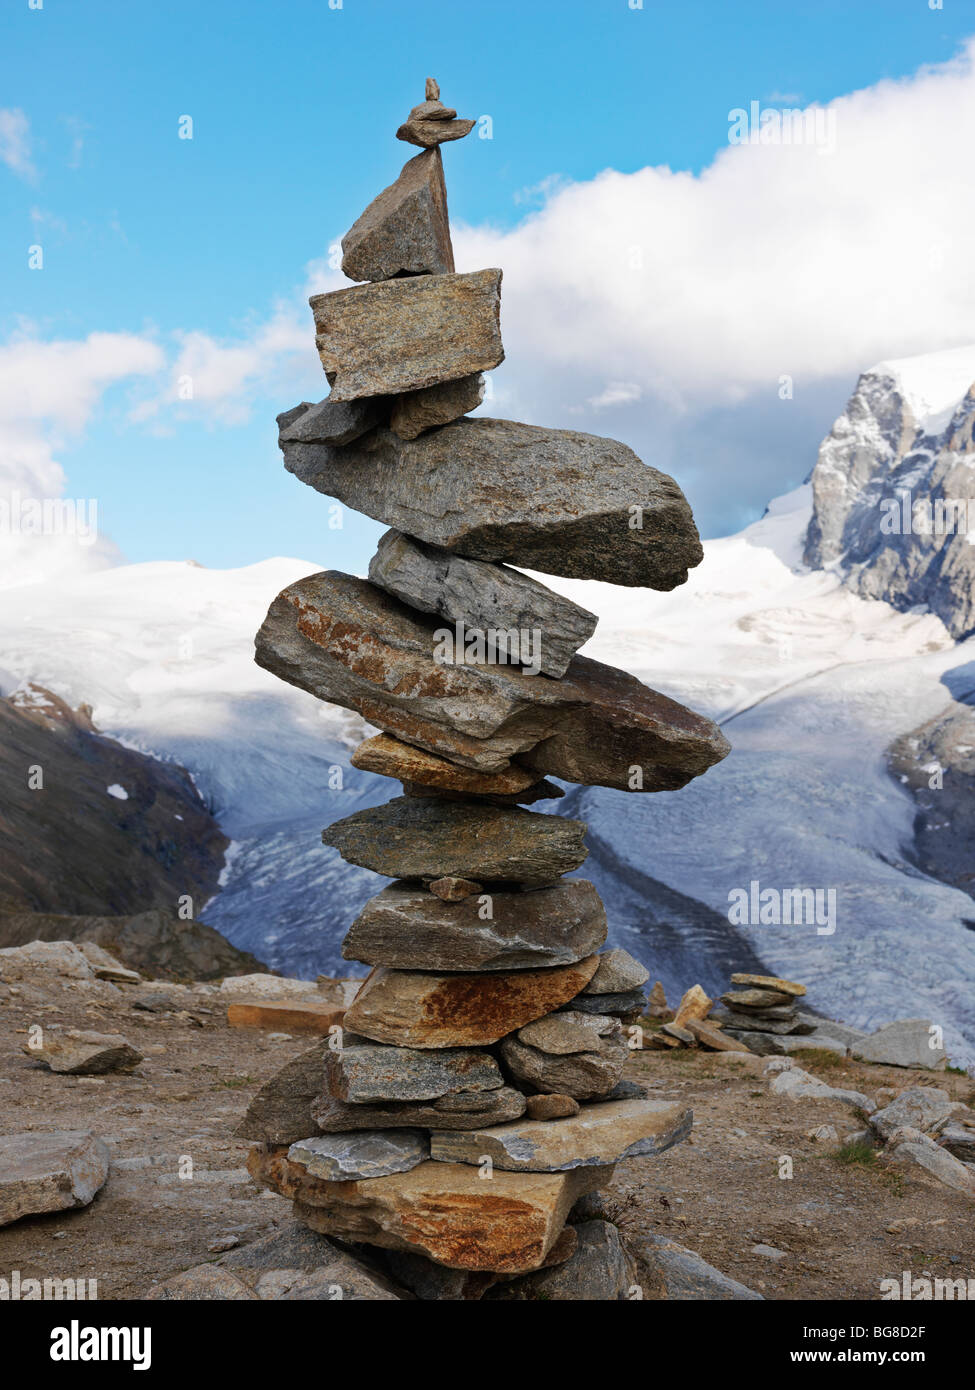 Schweiz, Wallis, Zermatt, Gornergrat, ein Cairn der ausgewogenen Felsen Stockbild